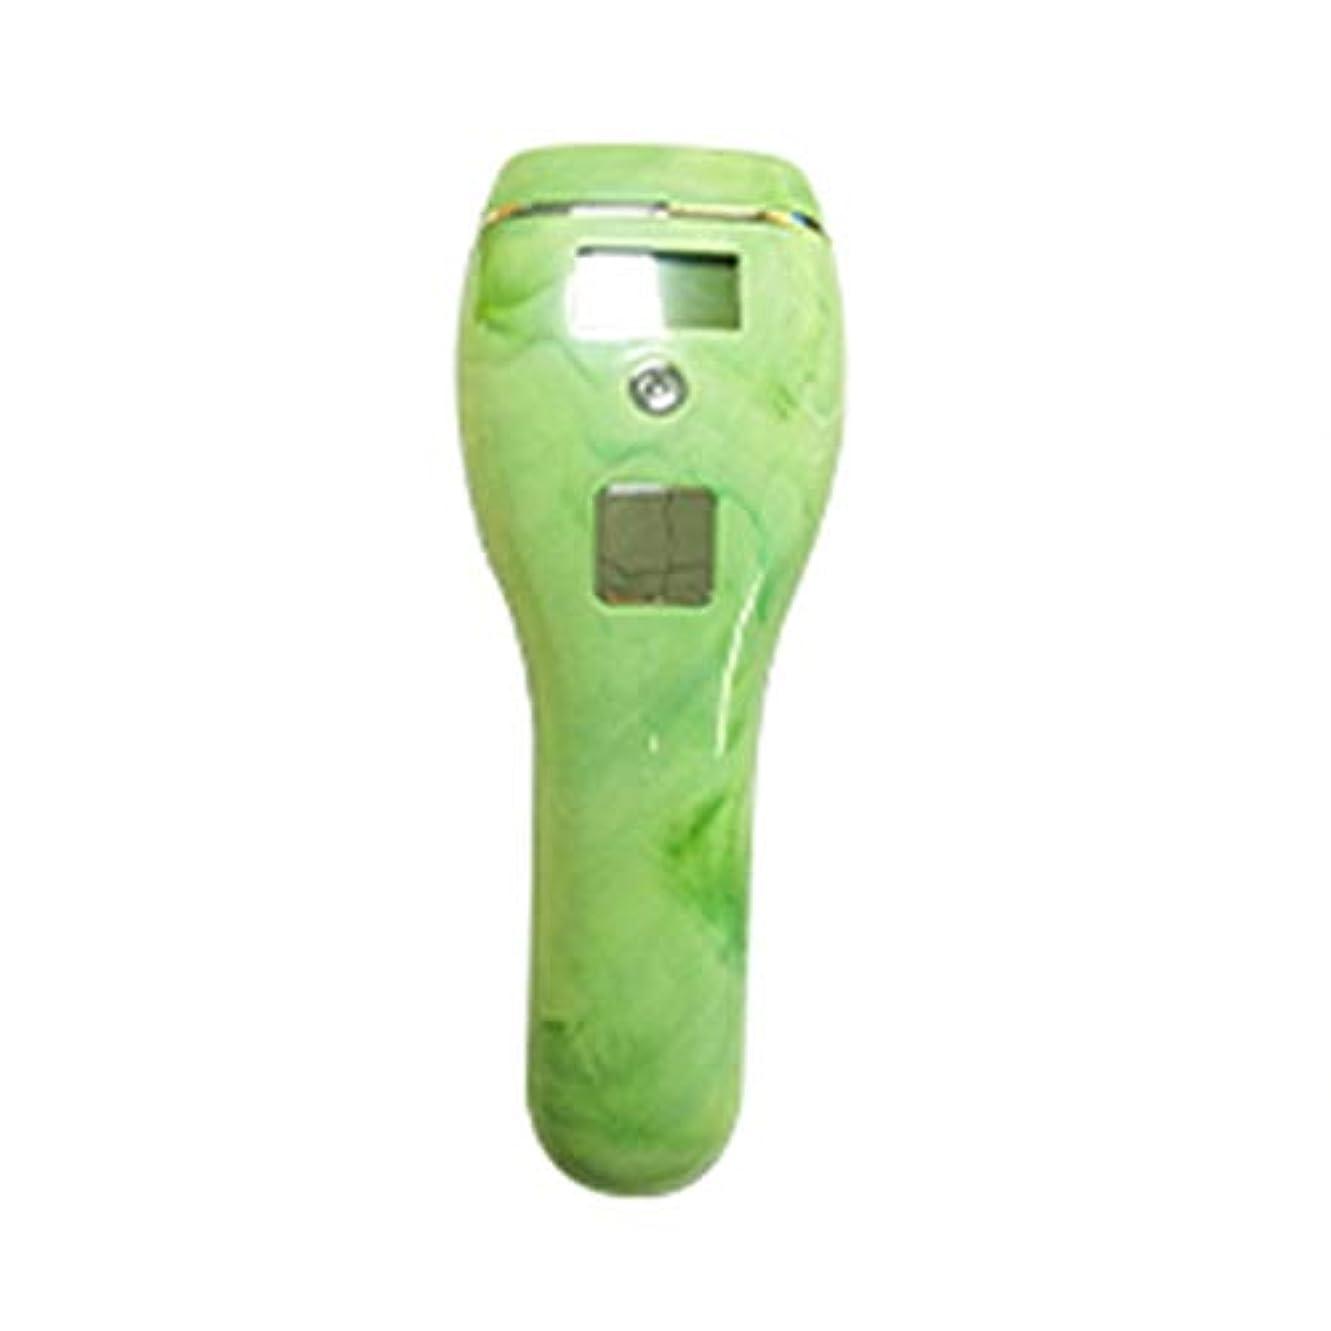 奇妙な評議会炭水化物自動肌のカラーセンシング、グリーン、5速調整、クォーツチューブ、携帯用痛みのない全身凍結乾燥用除湿器、サイズ19x7x5cm 髪以外はきれい (Color : Green)